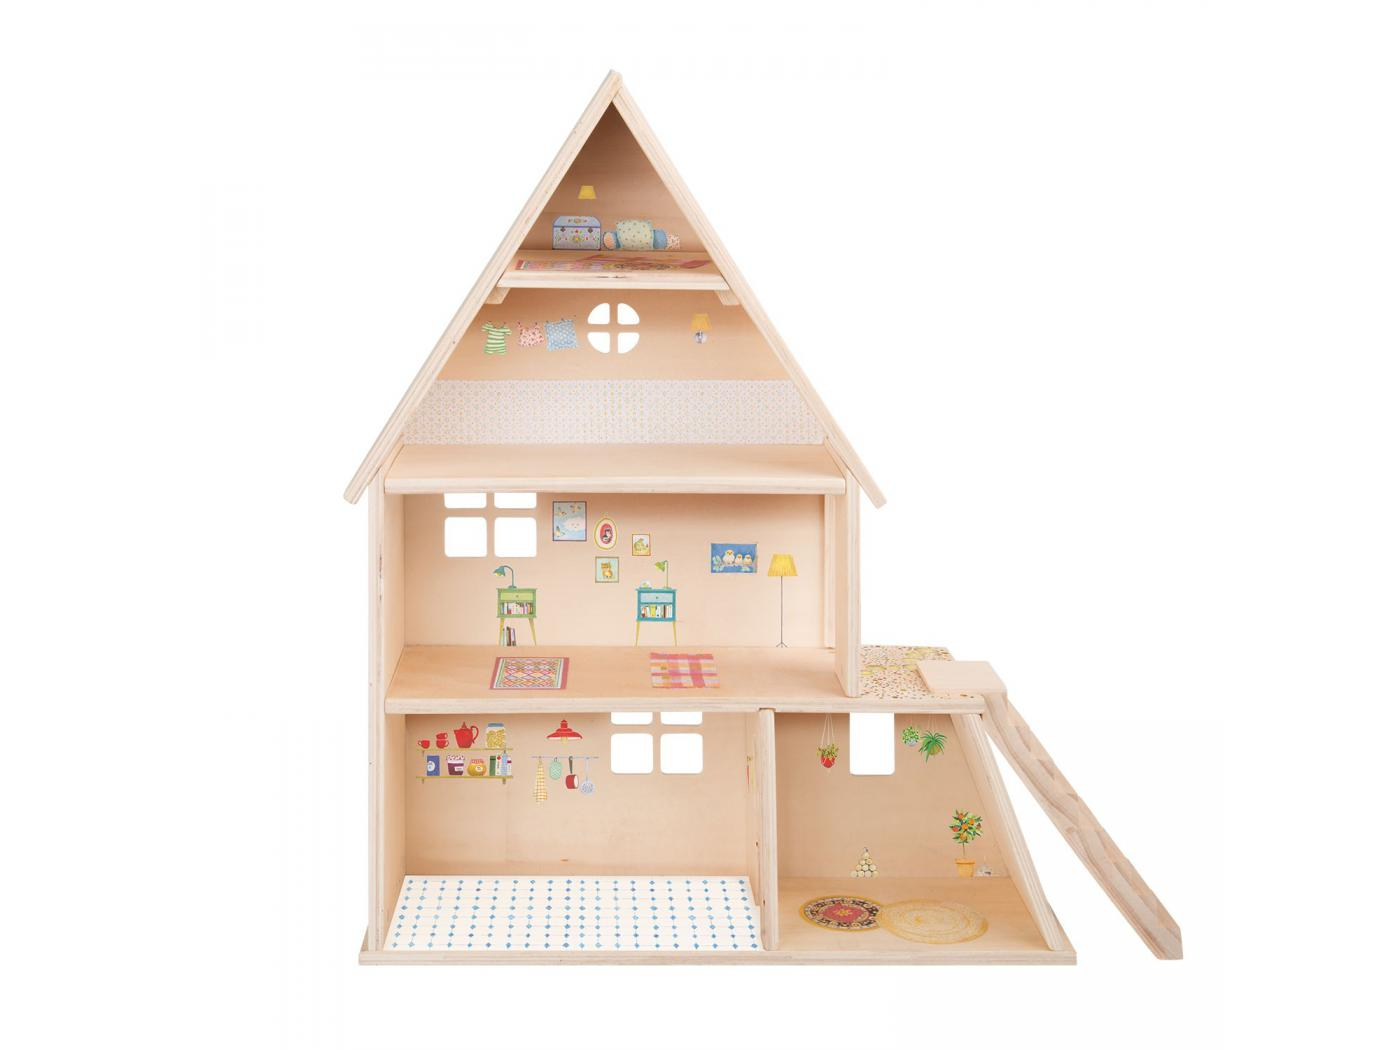 Moulin roty maison de poup e avec mobilier for Mobilier maison